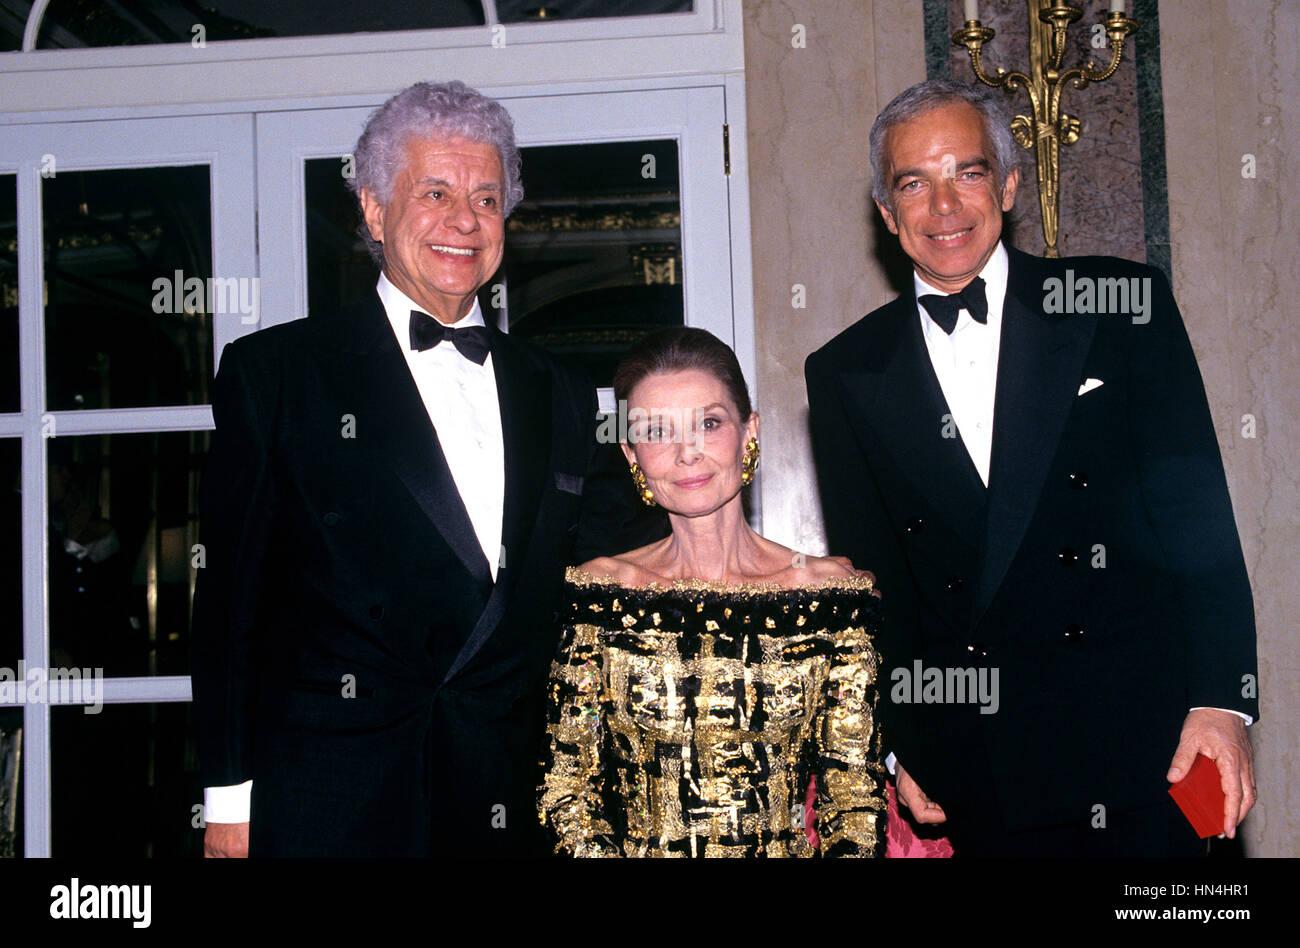 Tito Puente, Audrey Hepburn & Ralph Lauren pictured in October 1992. - Stock Image